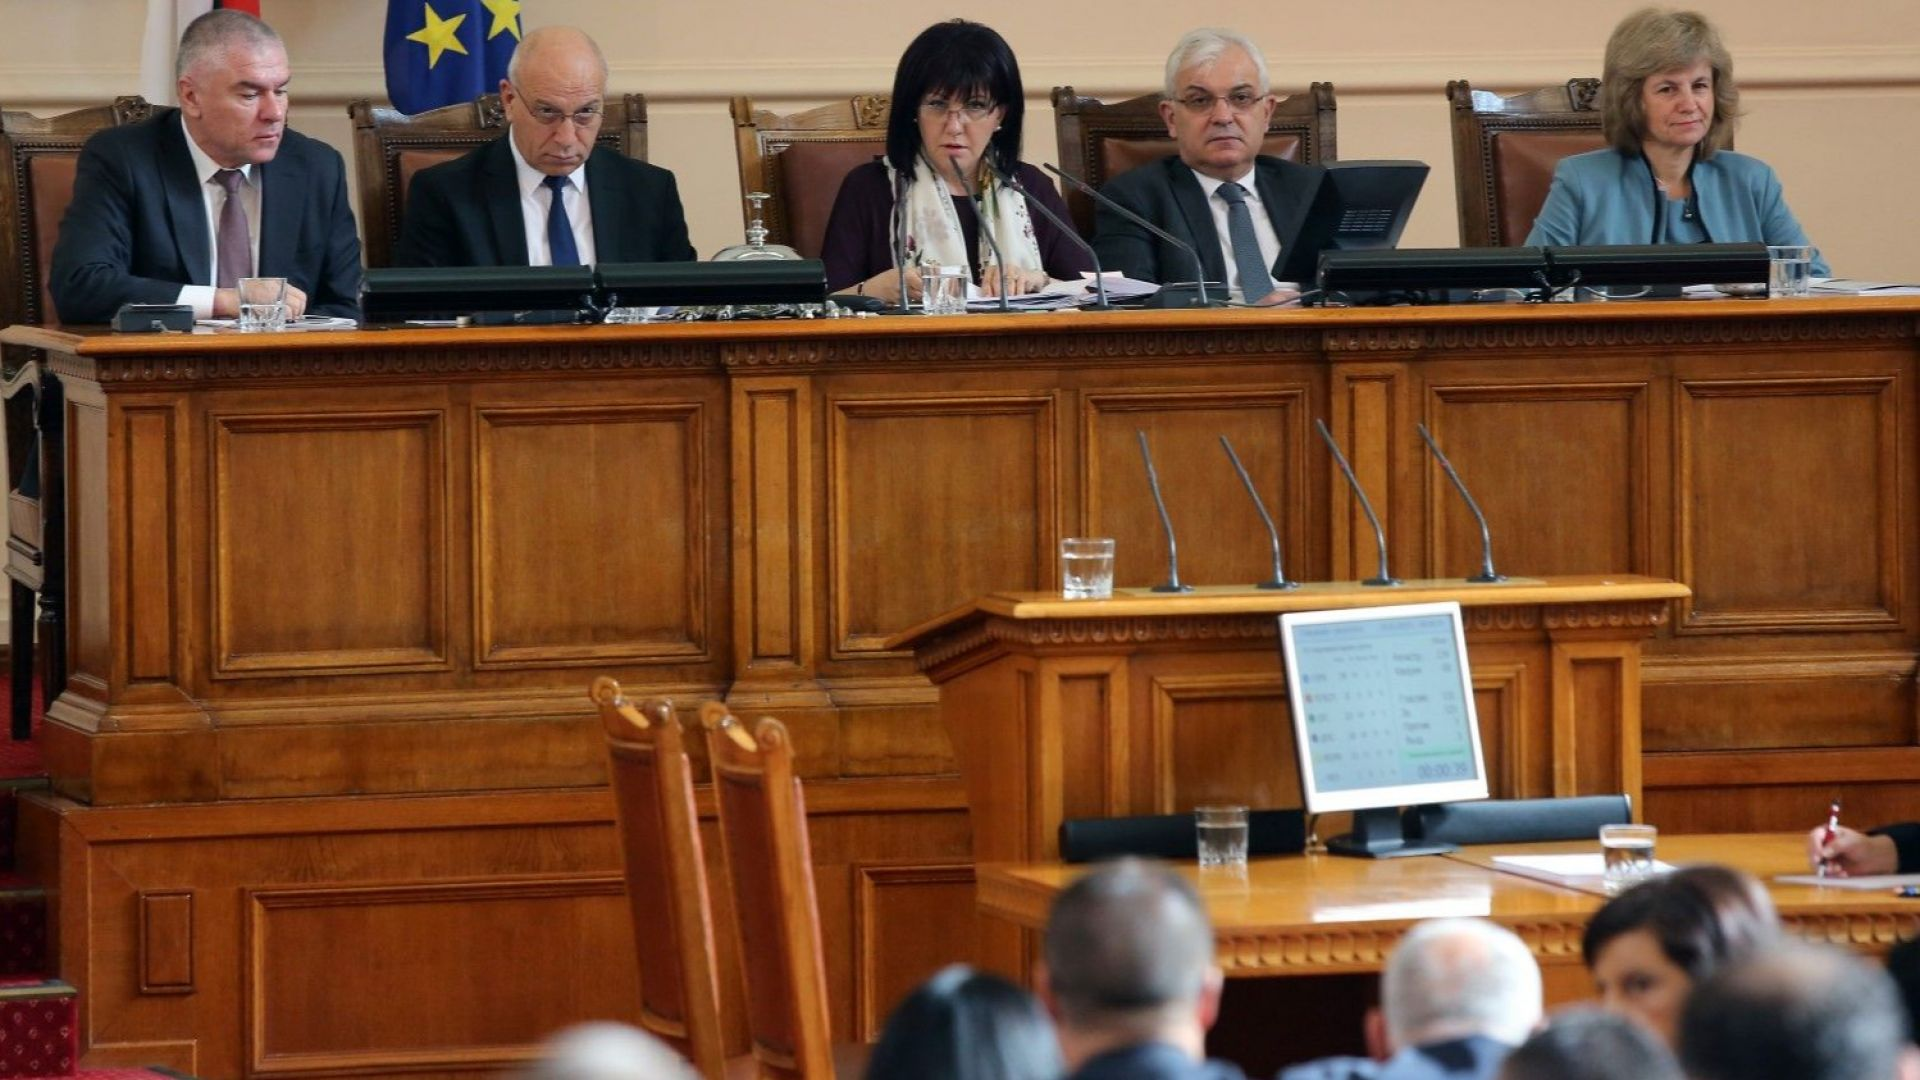 Парламентът прие законопроект за признаване на съдебни актове за налагане на наказание лишаване от свобода